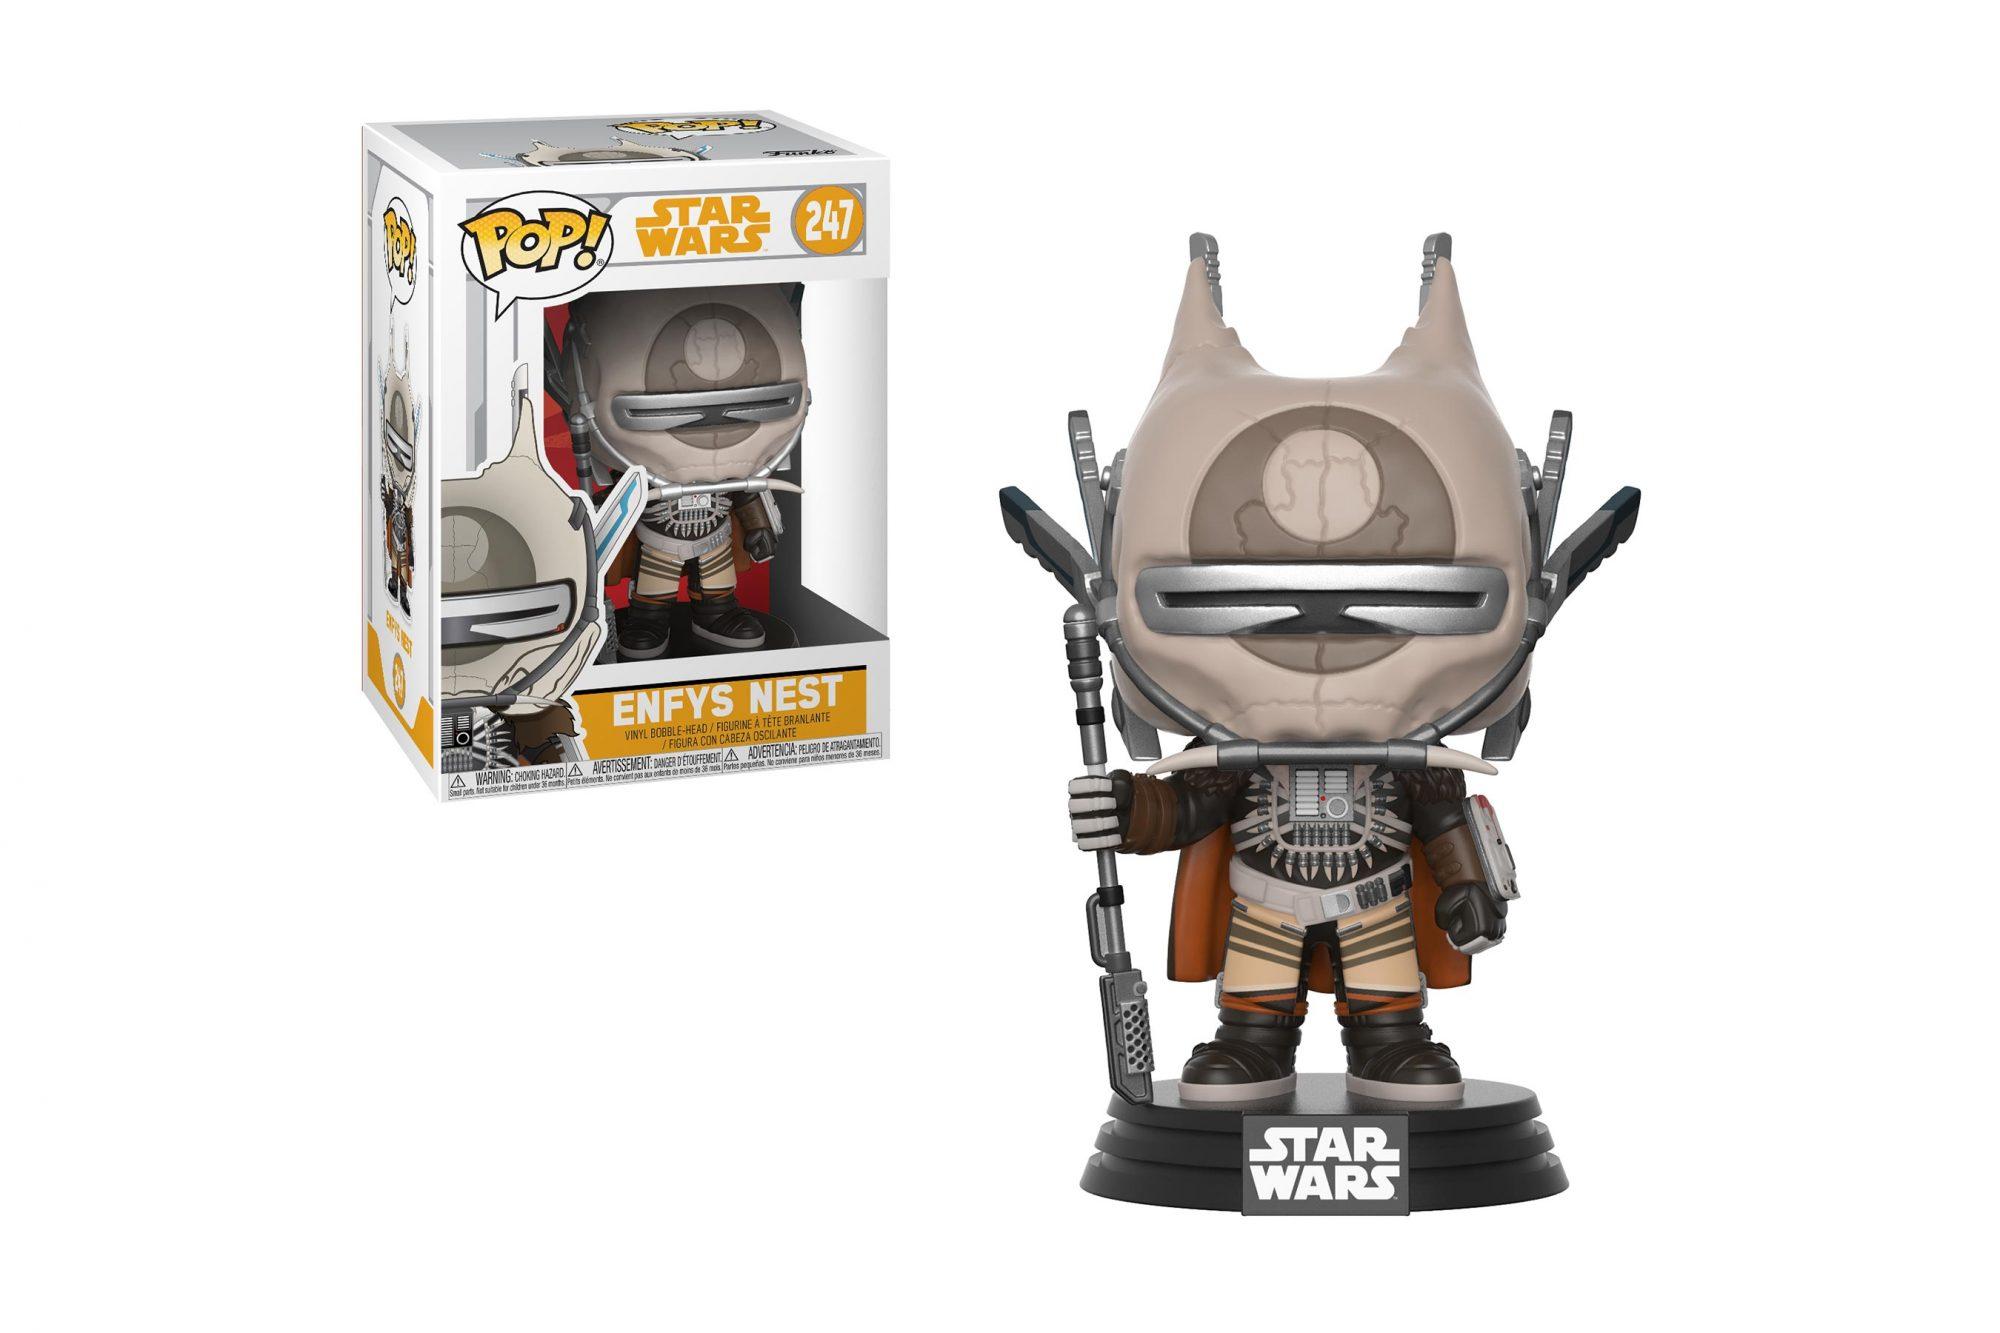 Solo: A Star Wars Story Funko Pop Figure